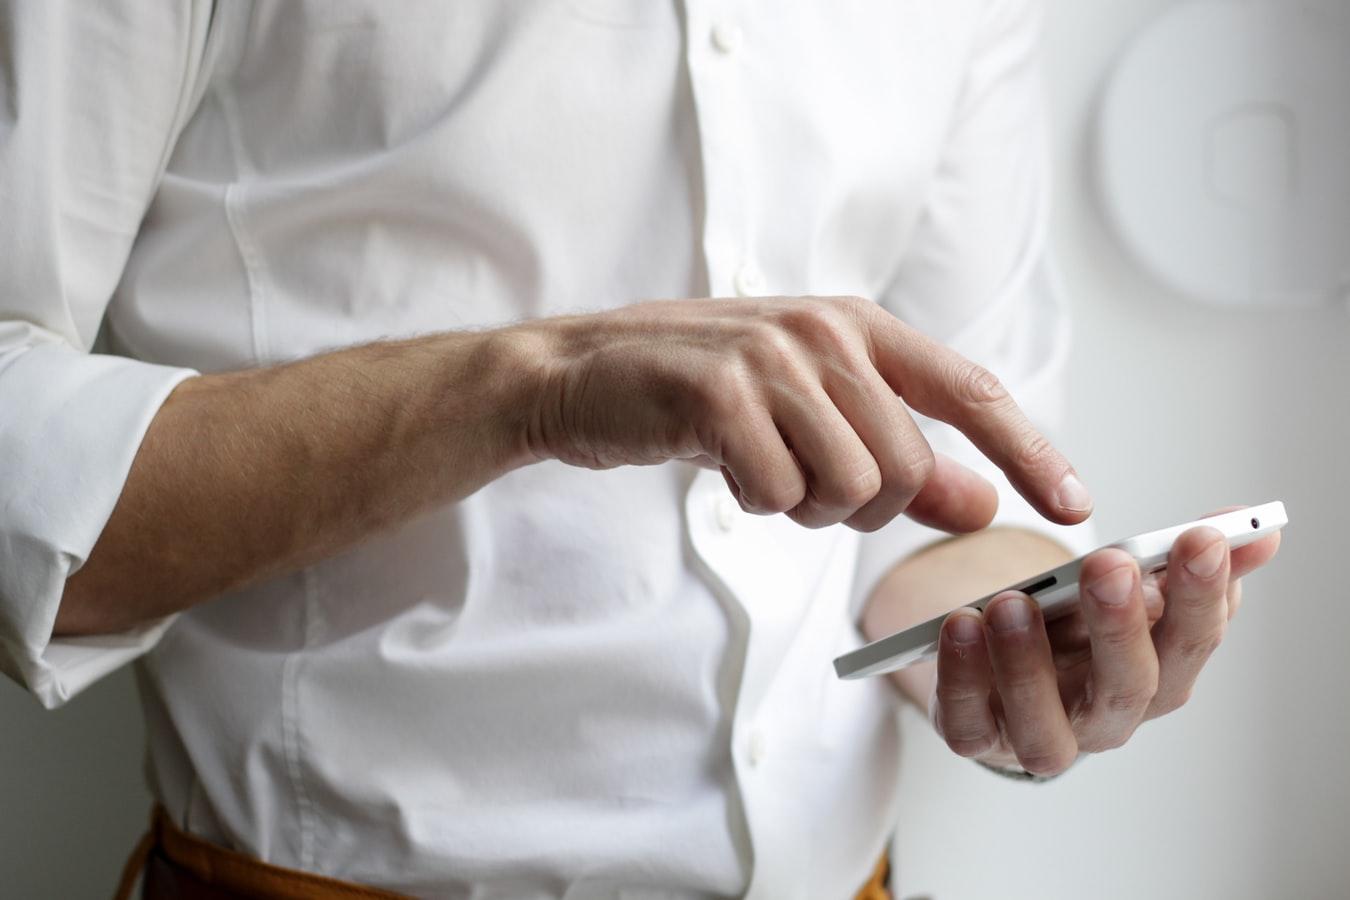 nuovsa-app-analizzare-abitudini-visive